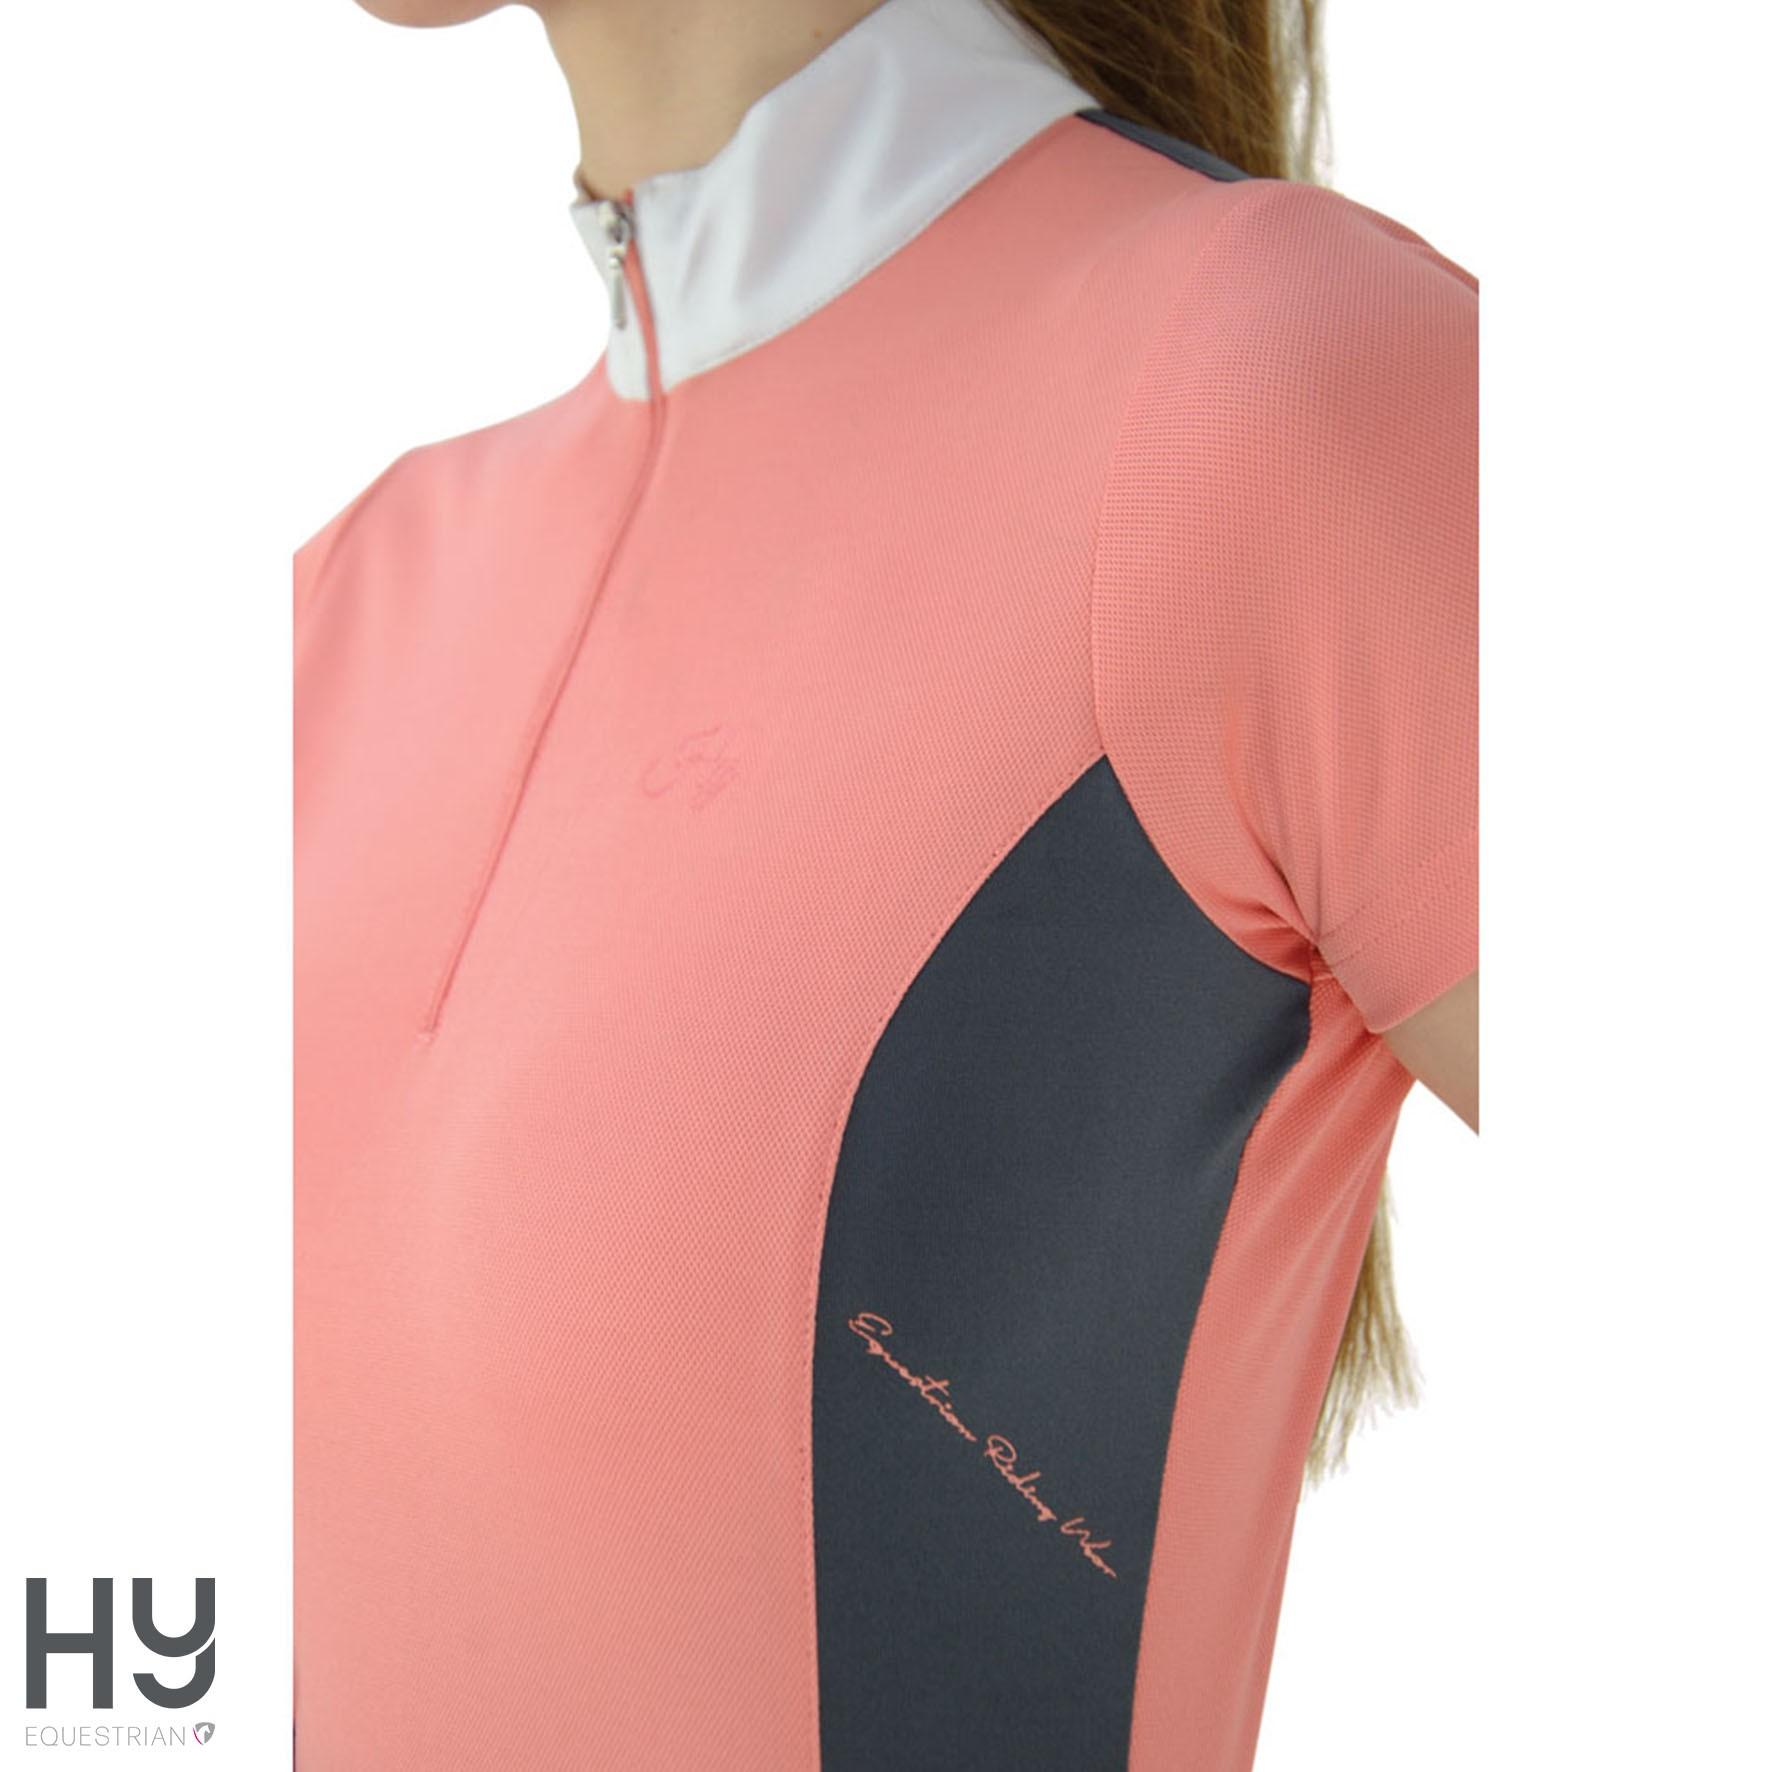 HyFASHION Cottesmore Ladies Sports Shirt